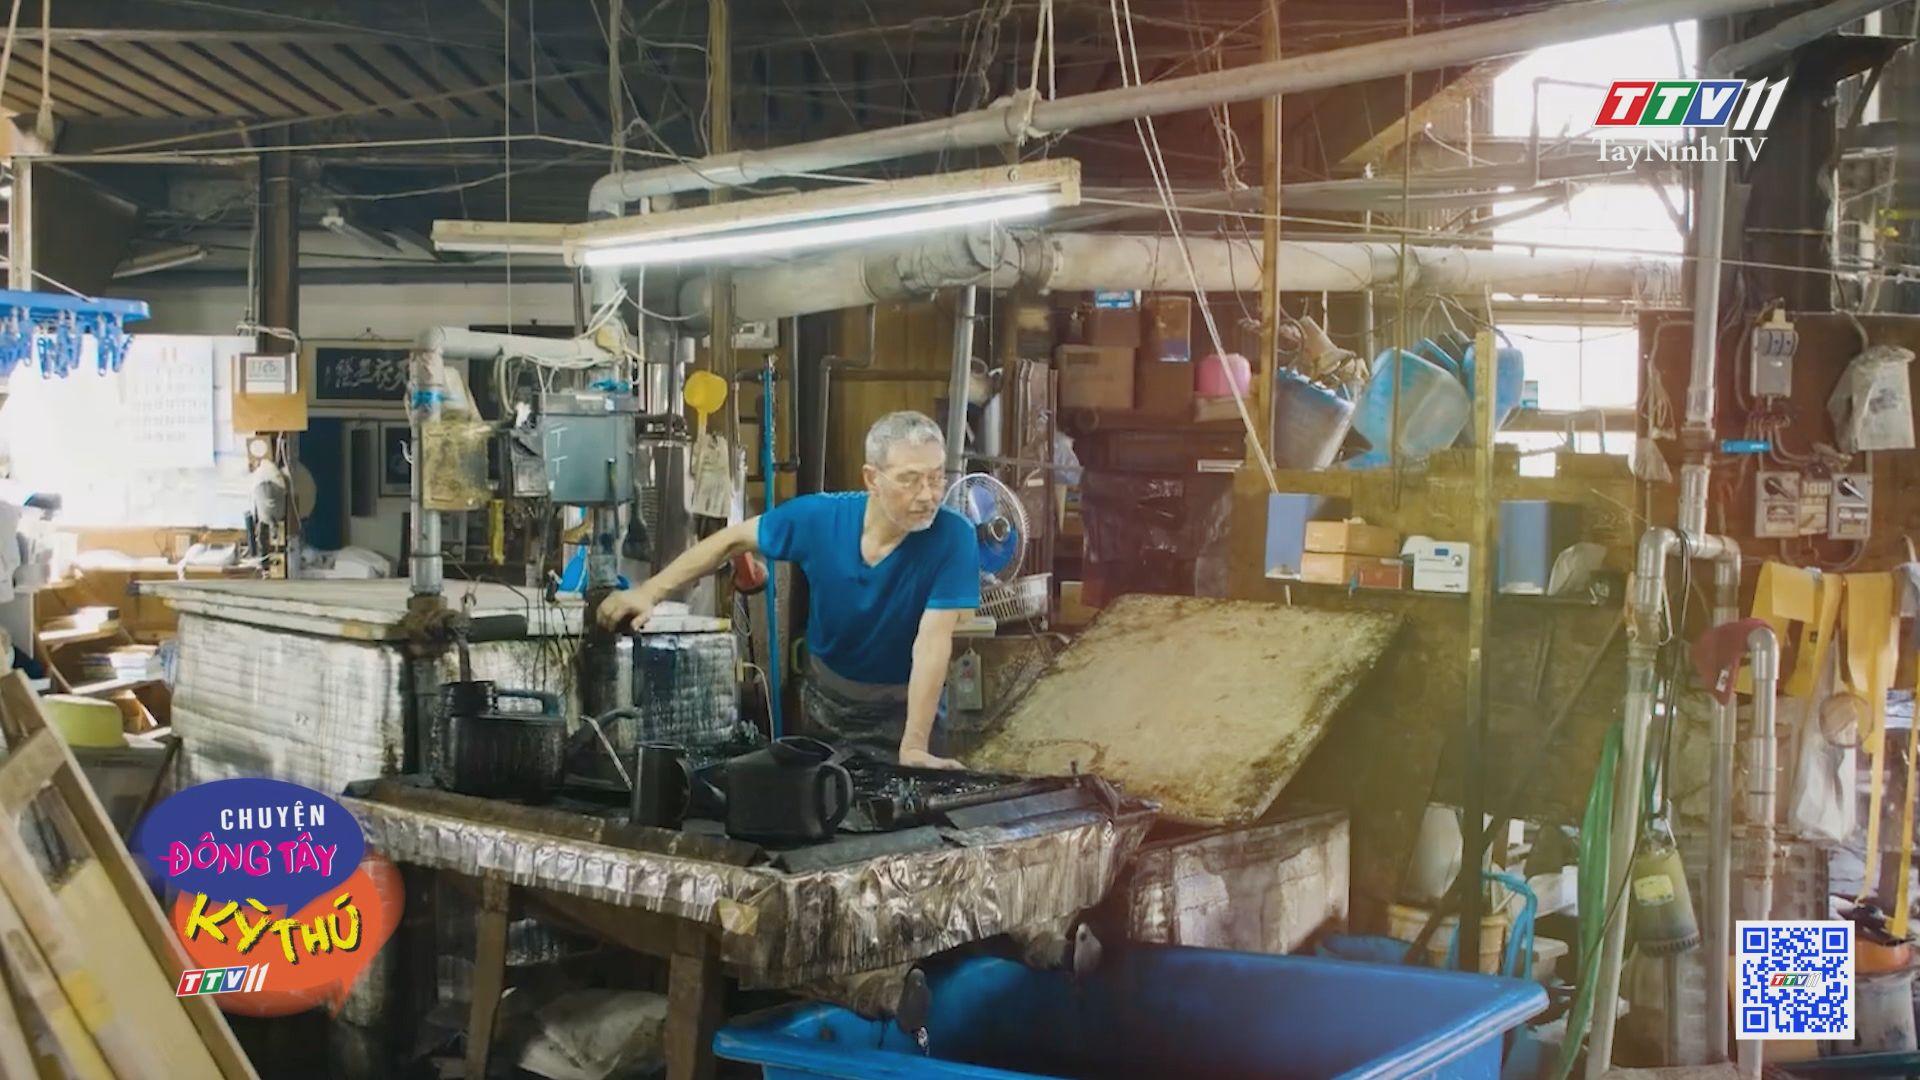 Nhuộm chàm và câu chuyện về màu xanh Nhật Bản | CHUYỆN ĐÔNG TÂY KỲ THÚ | TayNinhTV